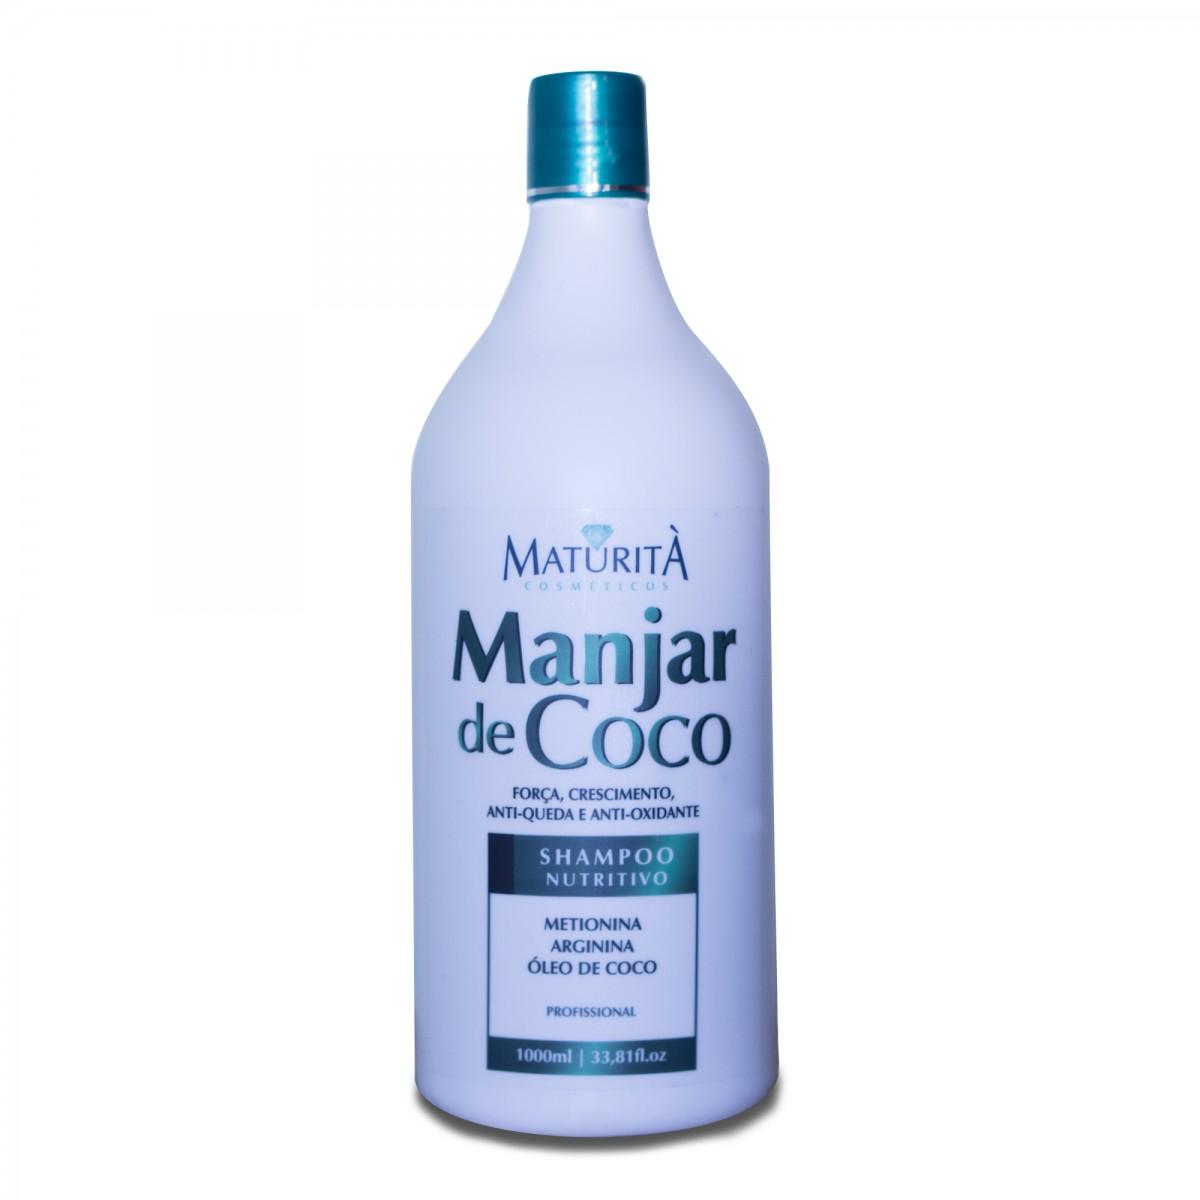 Foto 1 - Shampoo Manjar De Coco - Maturitá 1 Litro